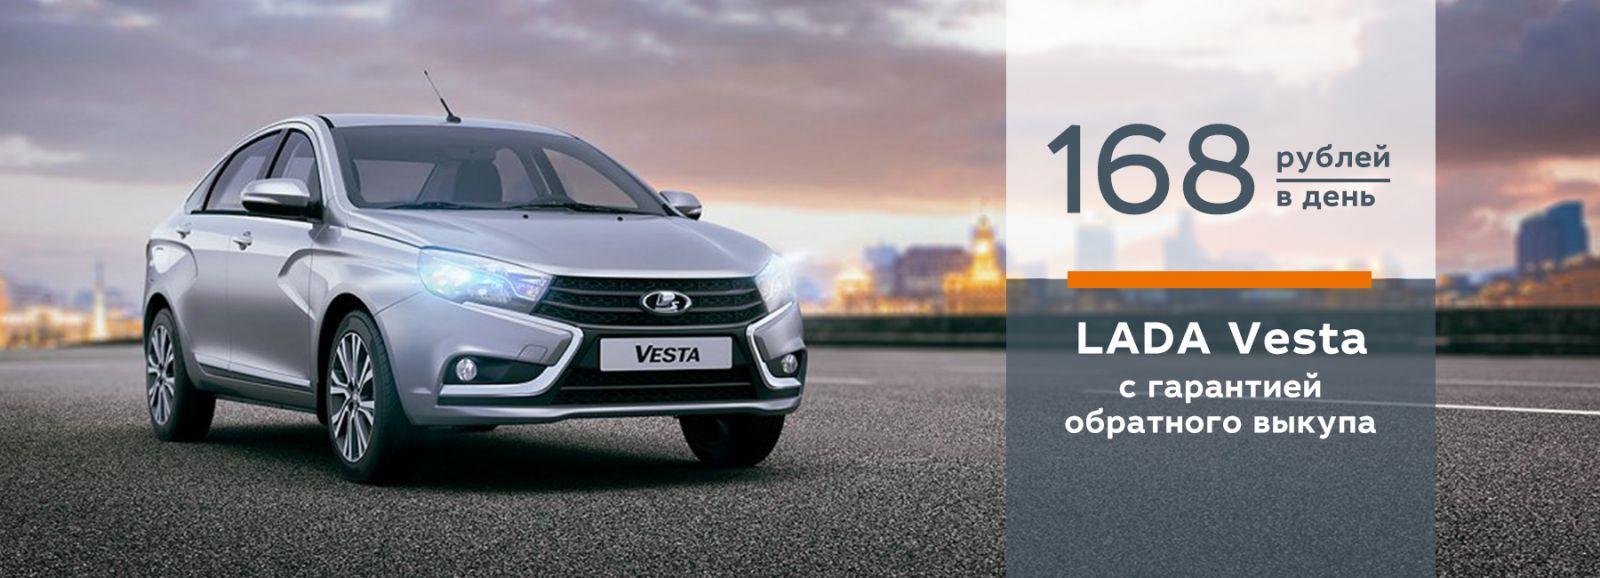 LADA Vesta с гарантией обратного выкупа! От 168 рублей в день!